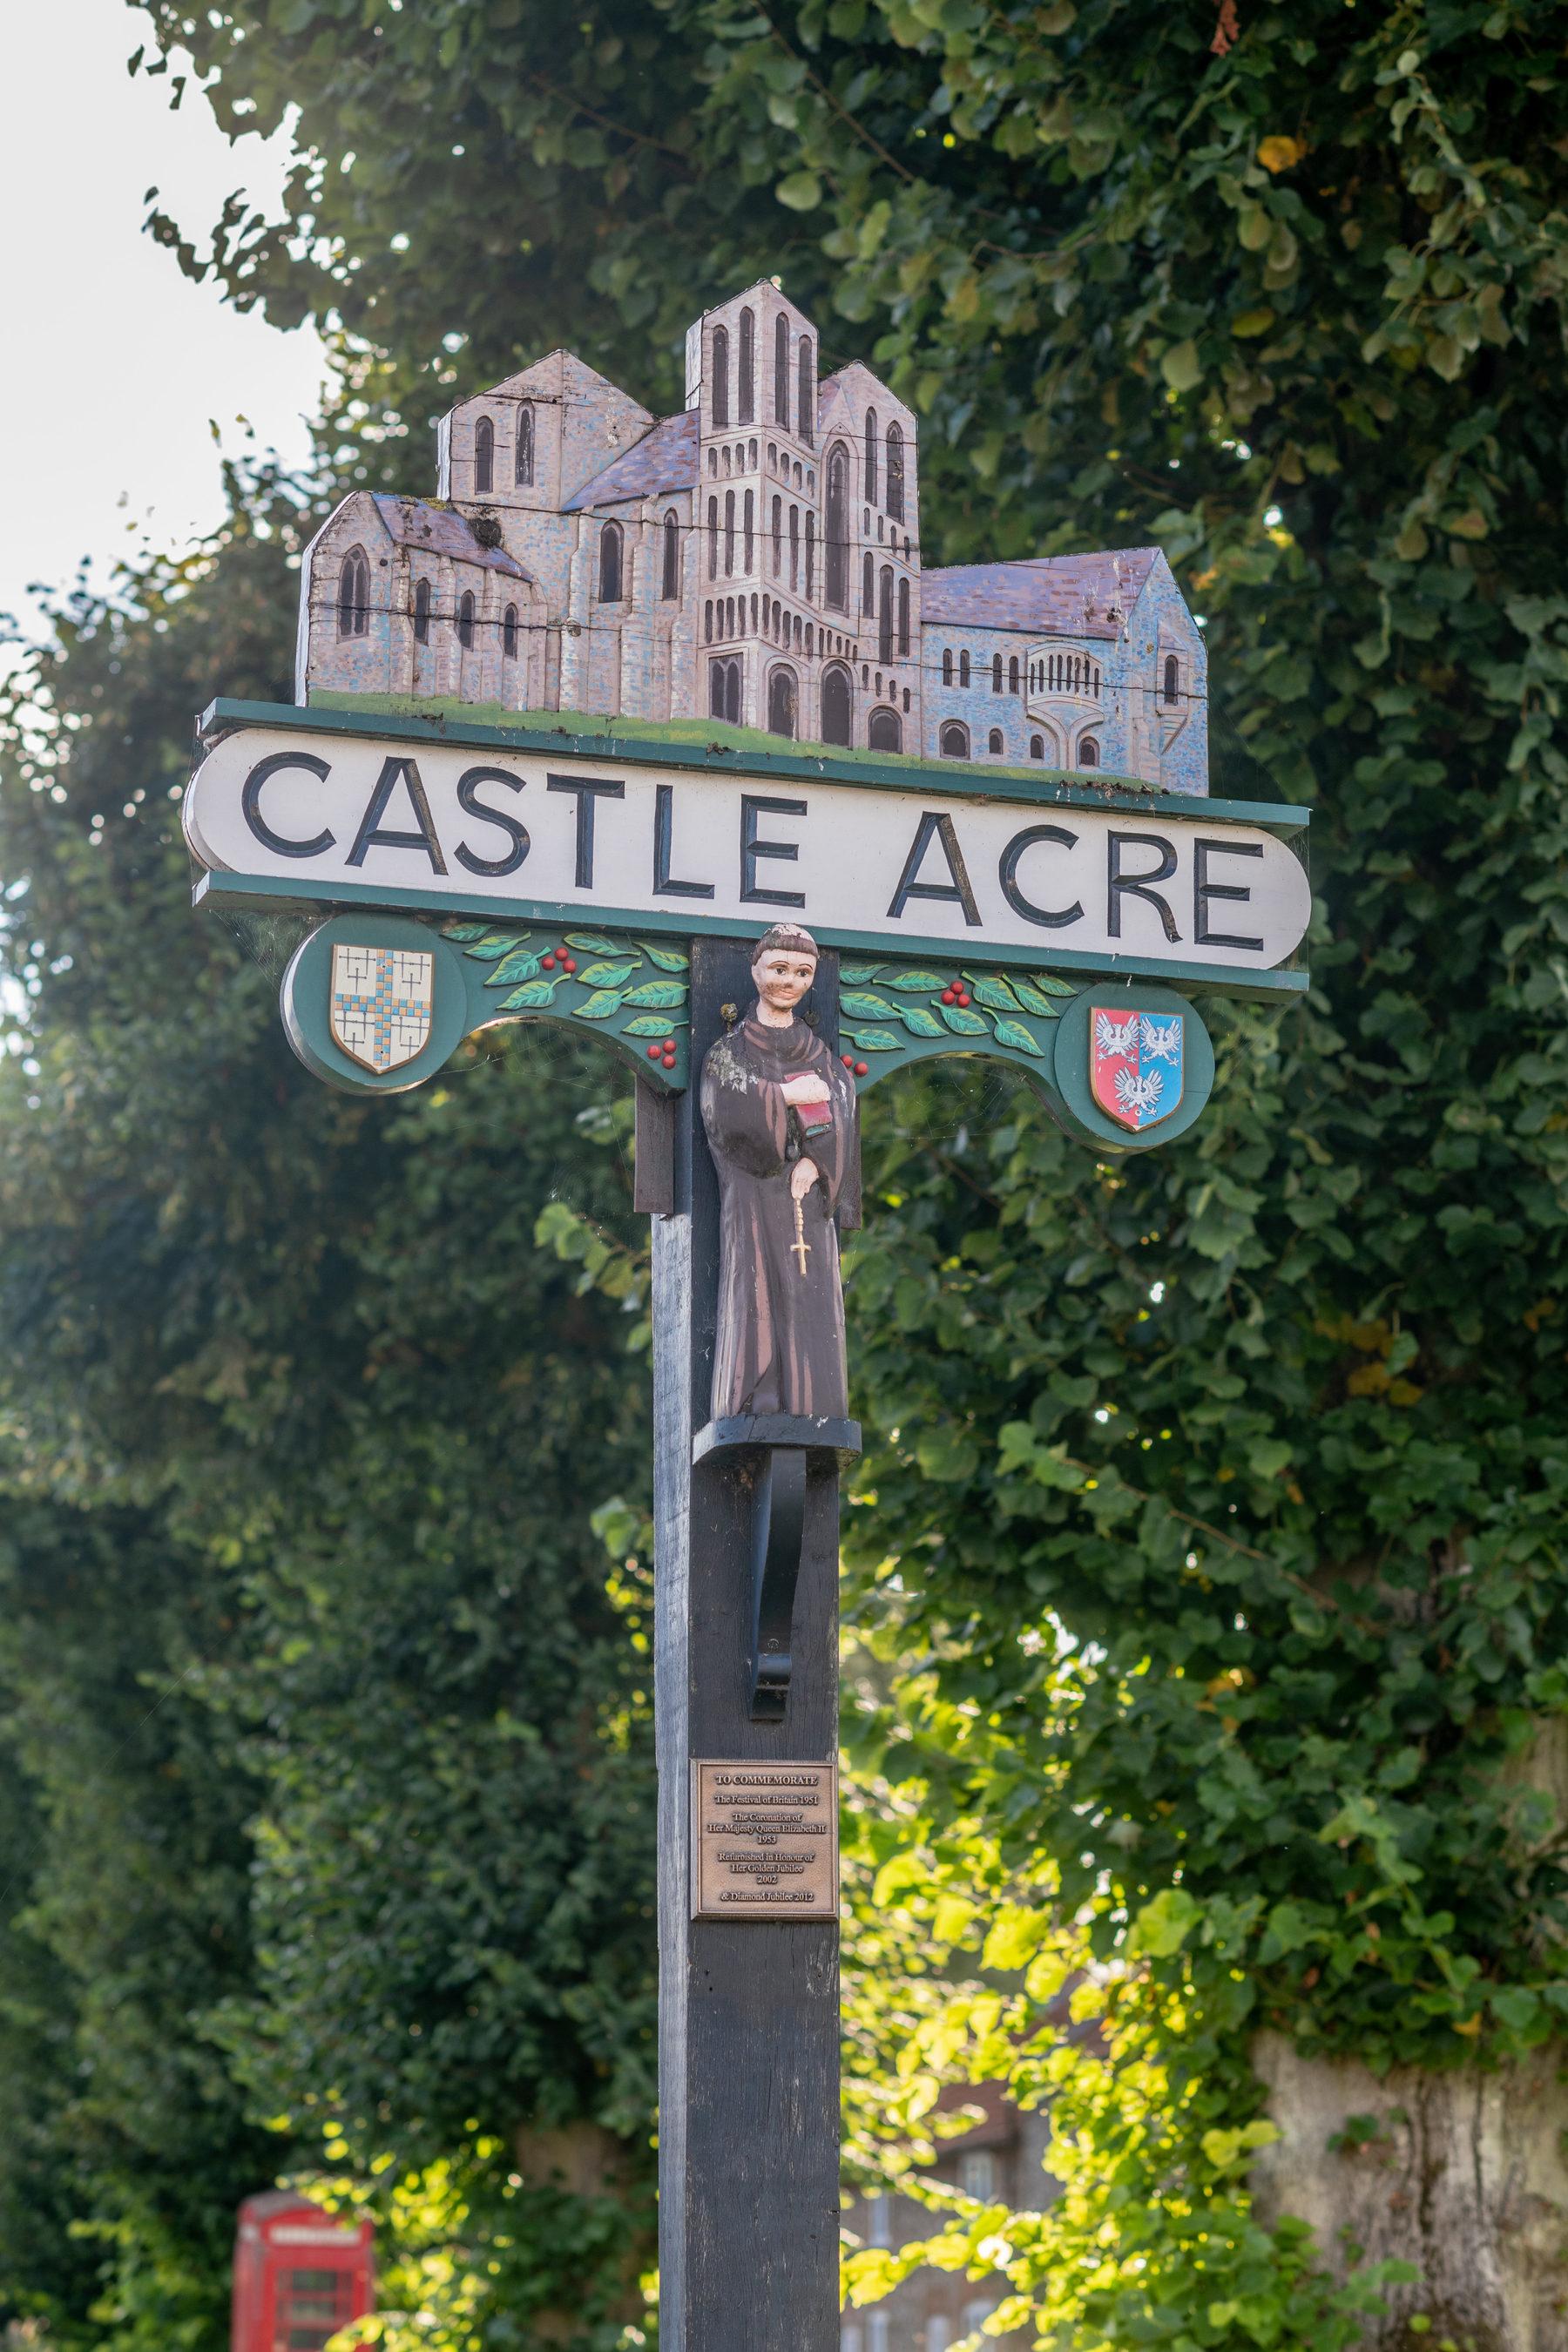 008 Castle Acre Village 2018